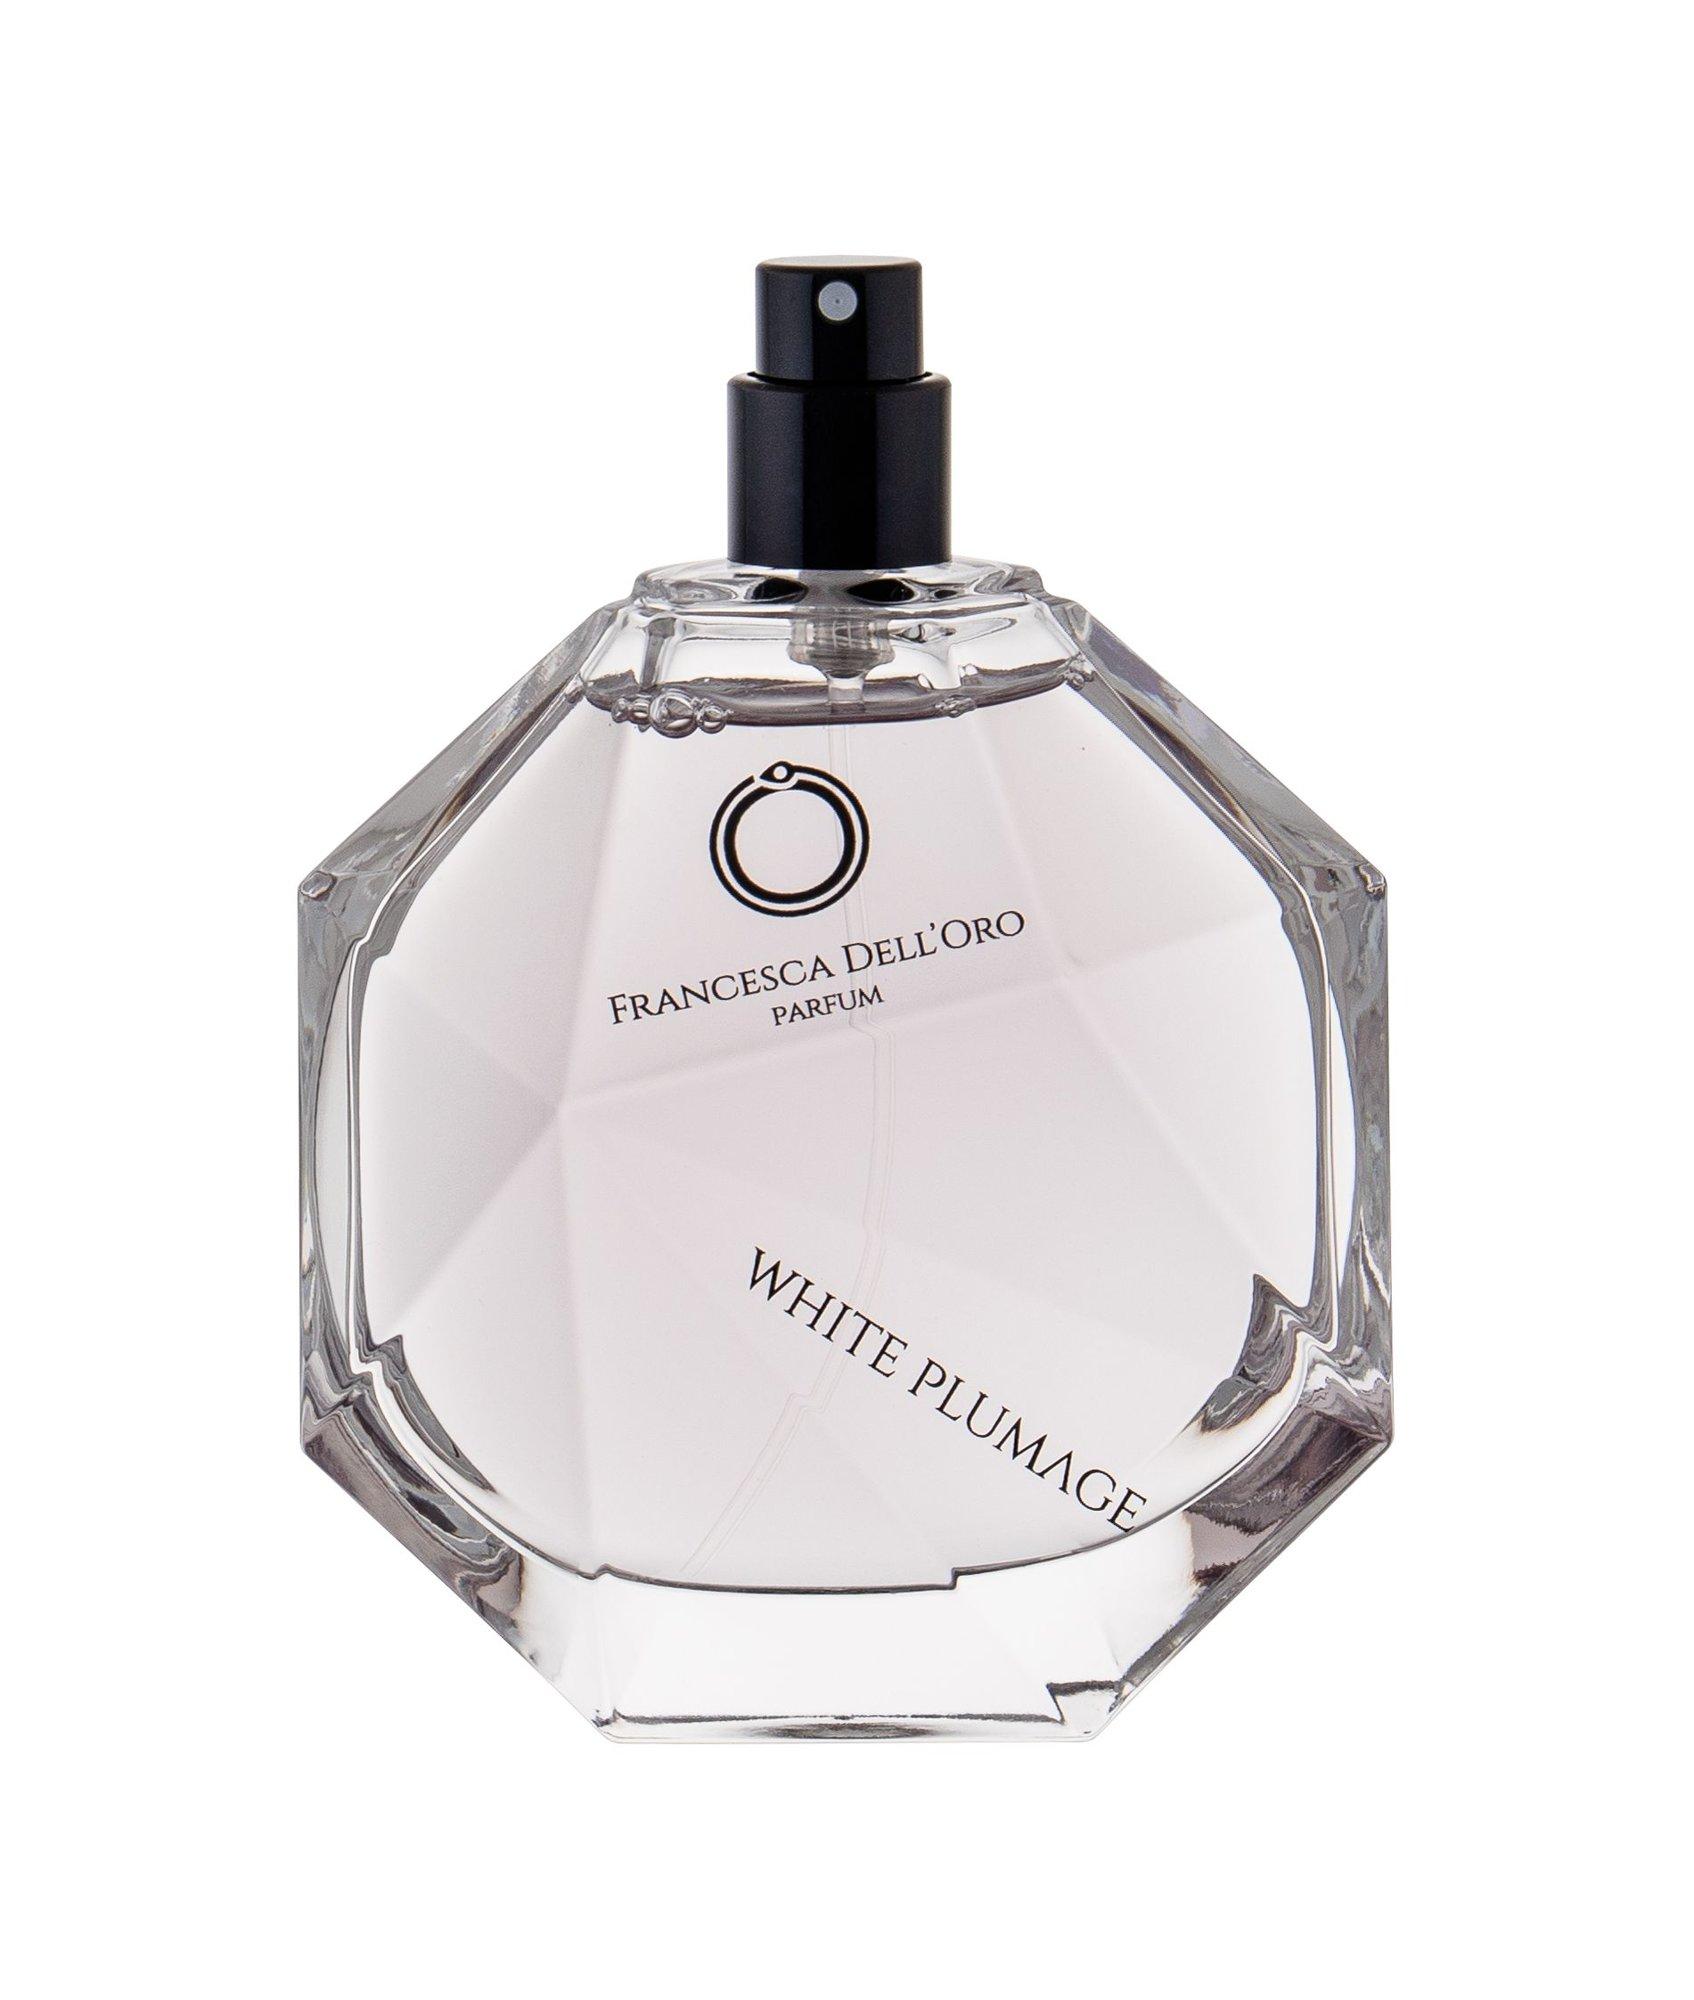 Francesca dell´Oro White Plumage Eau de Parfum 100ml